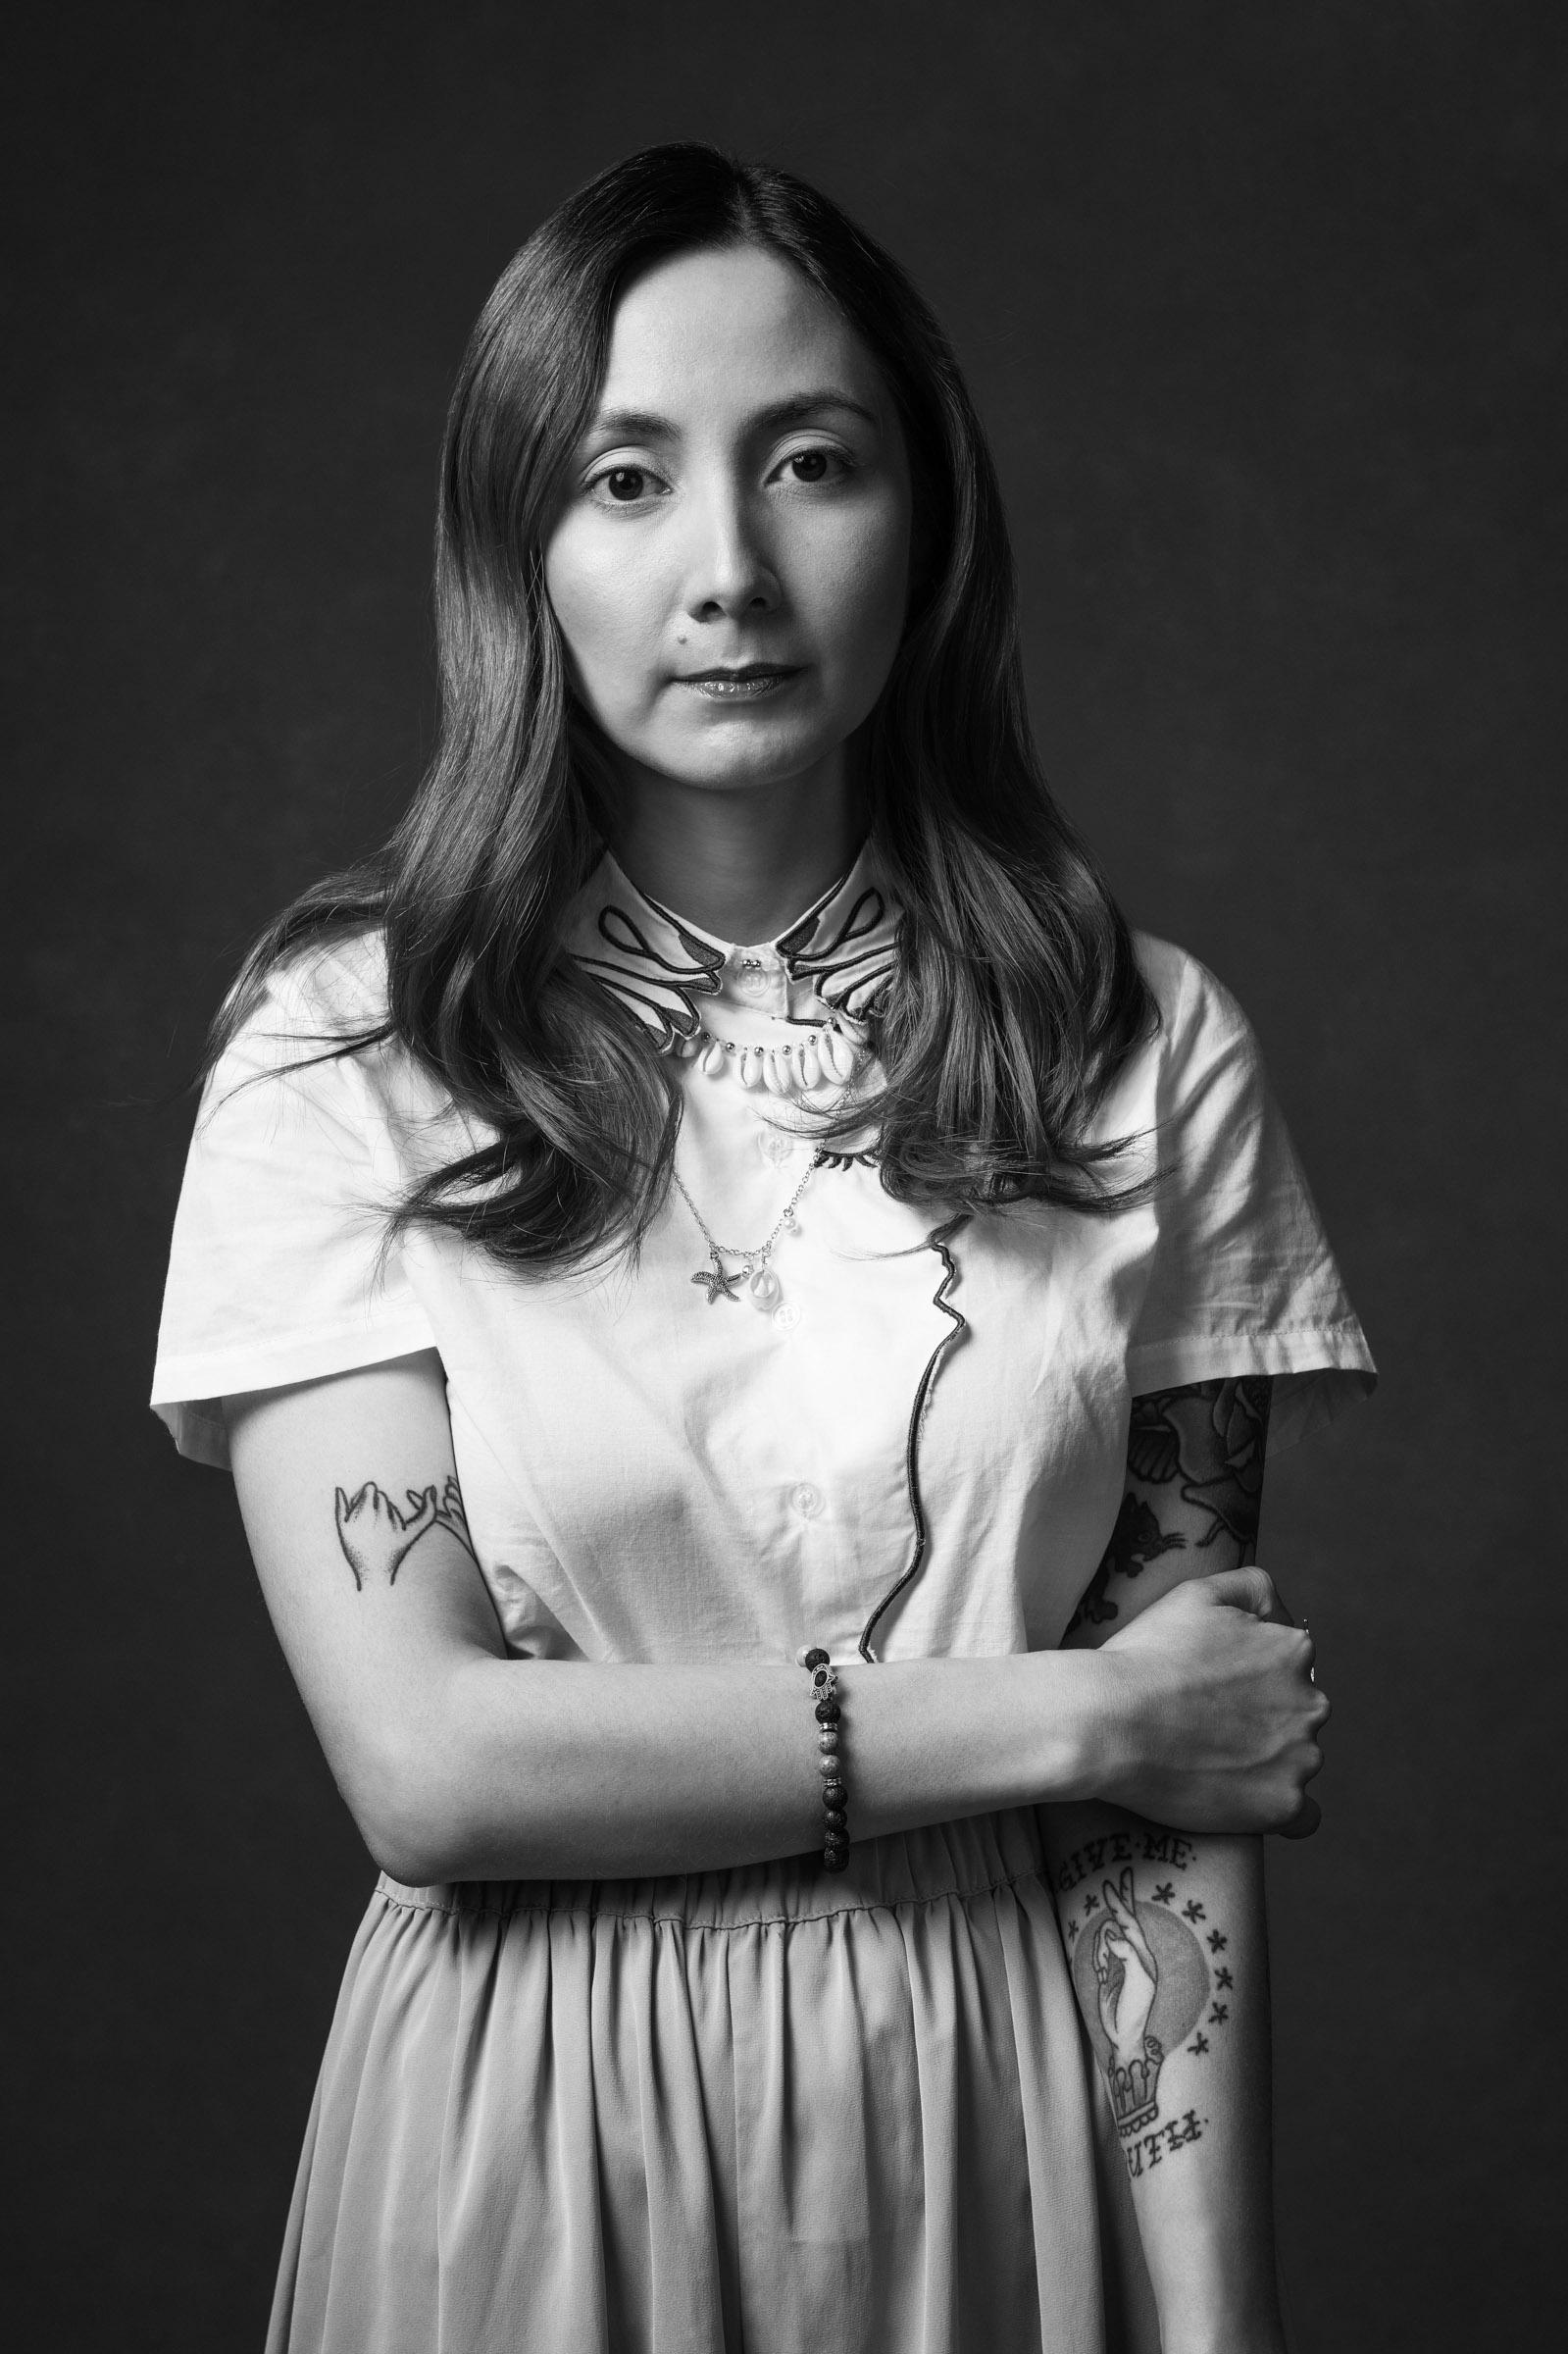 Fleur Chelsea - Psychologist / Style blogger